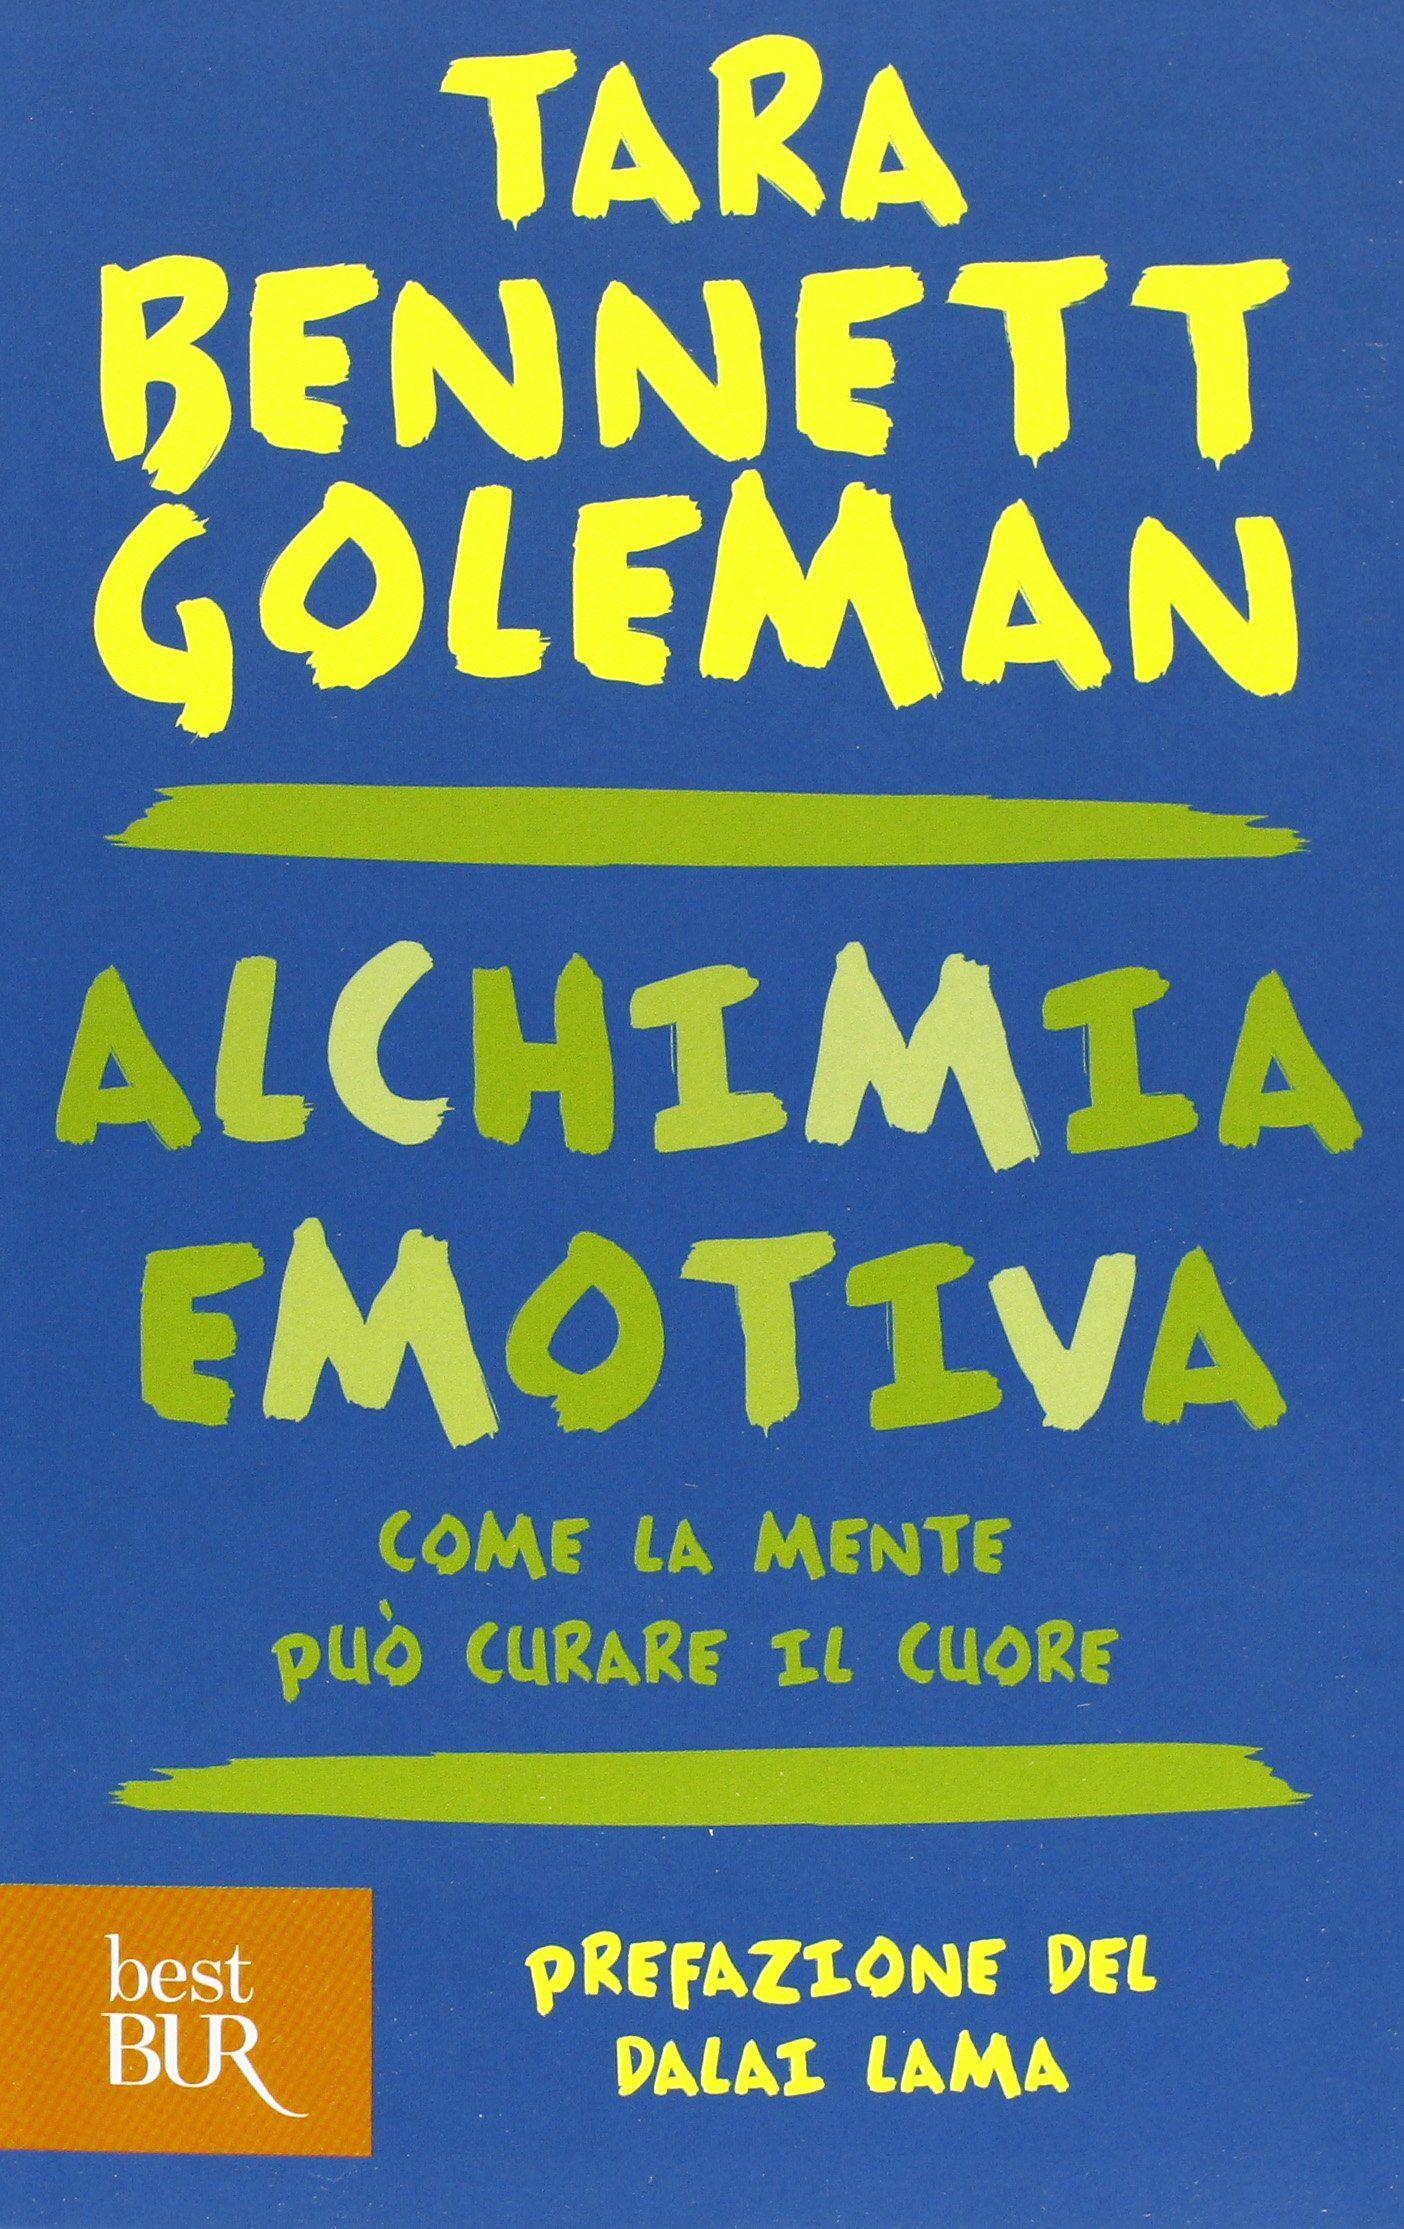 Alchimia Emotiva Come La Mente Pu Curare Il Cuore La Mente Alchimia Emotiva Ad Romane Humor